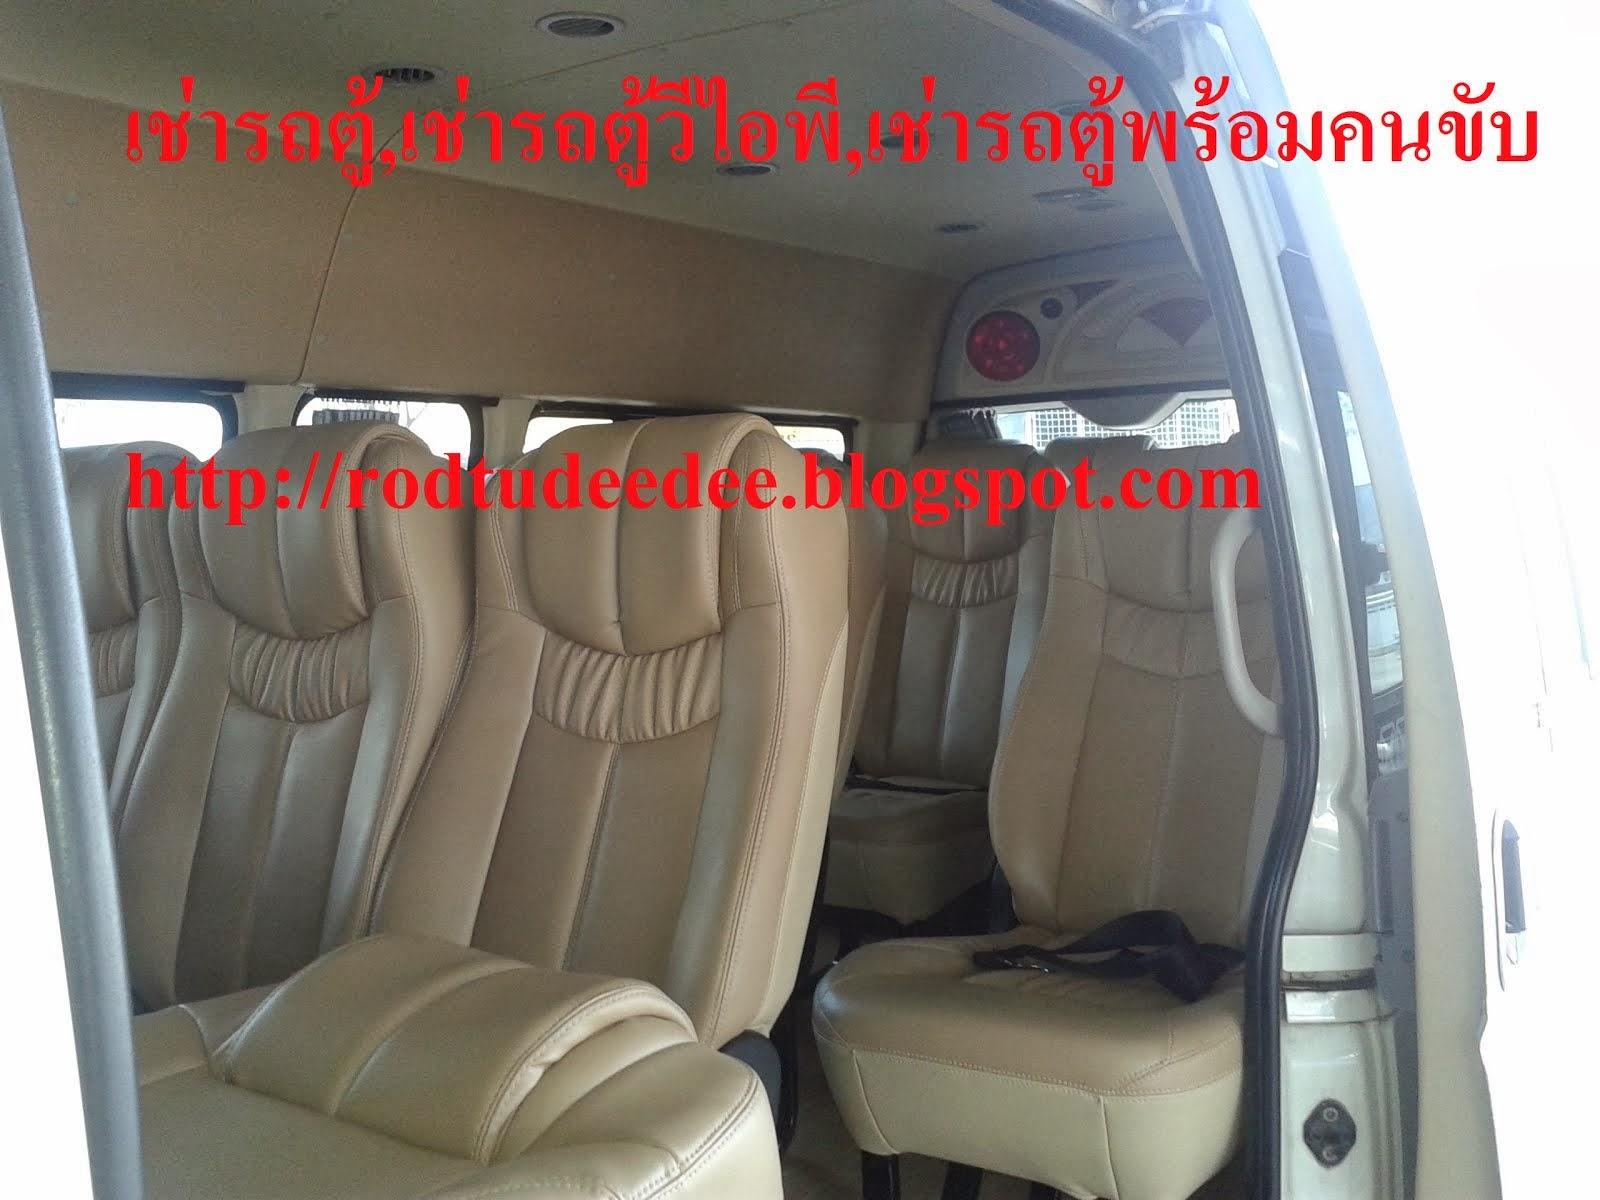 รถตู้โตโยต้า commuter D4DหรือNGVหลังคาสูงราคาเช่า 1,800-2,000 บาท